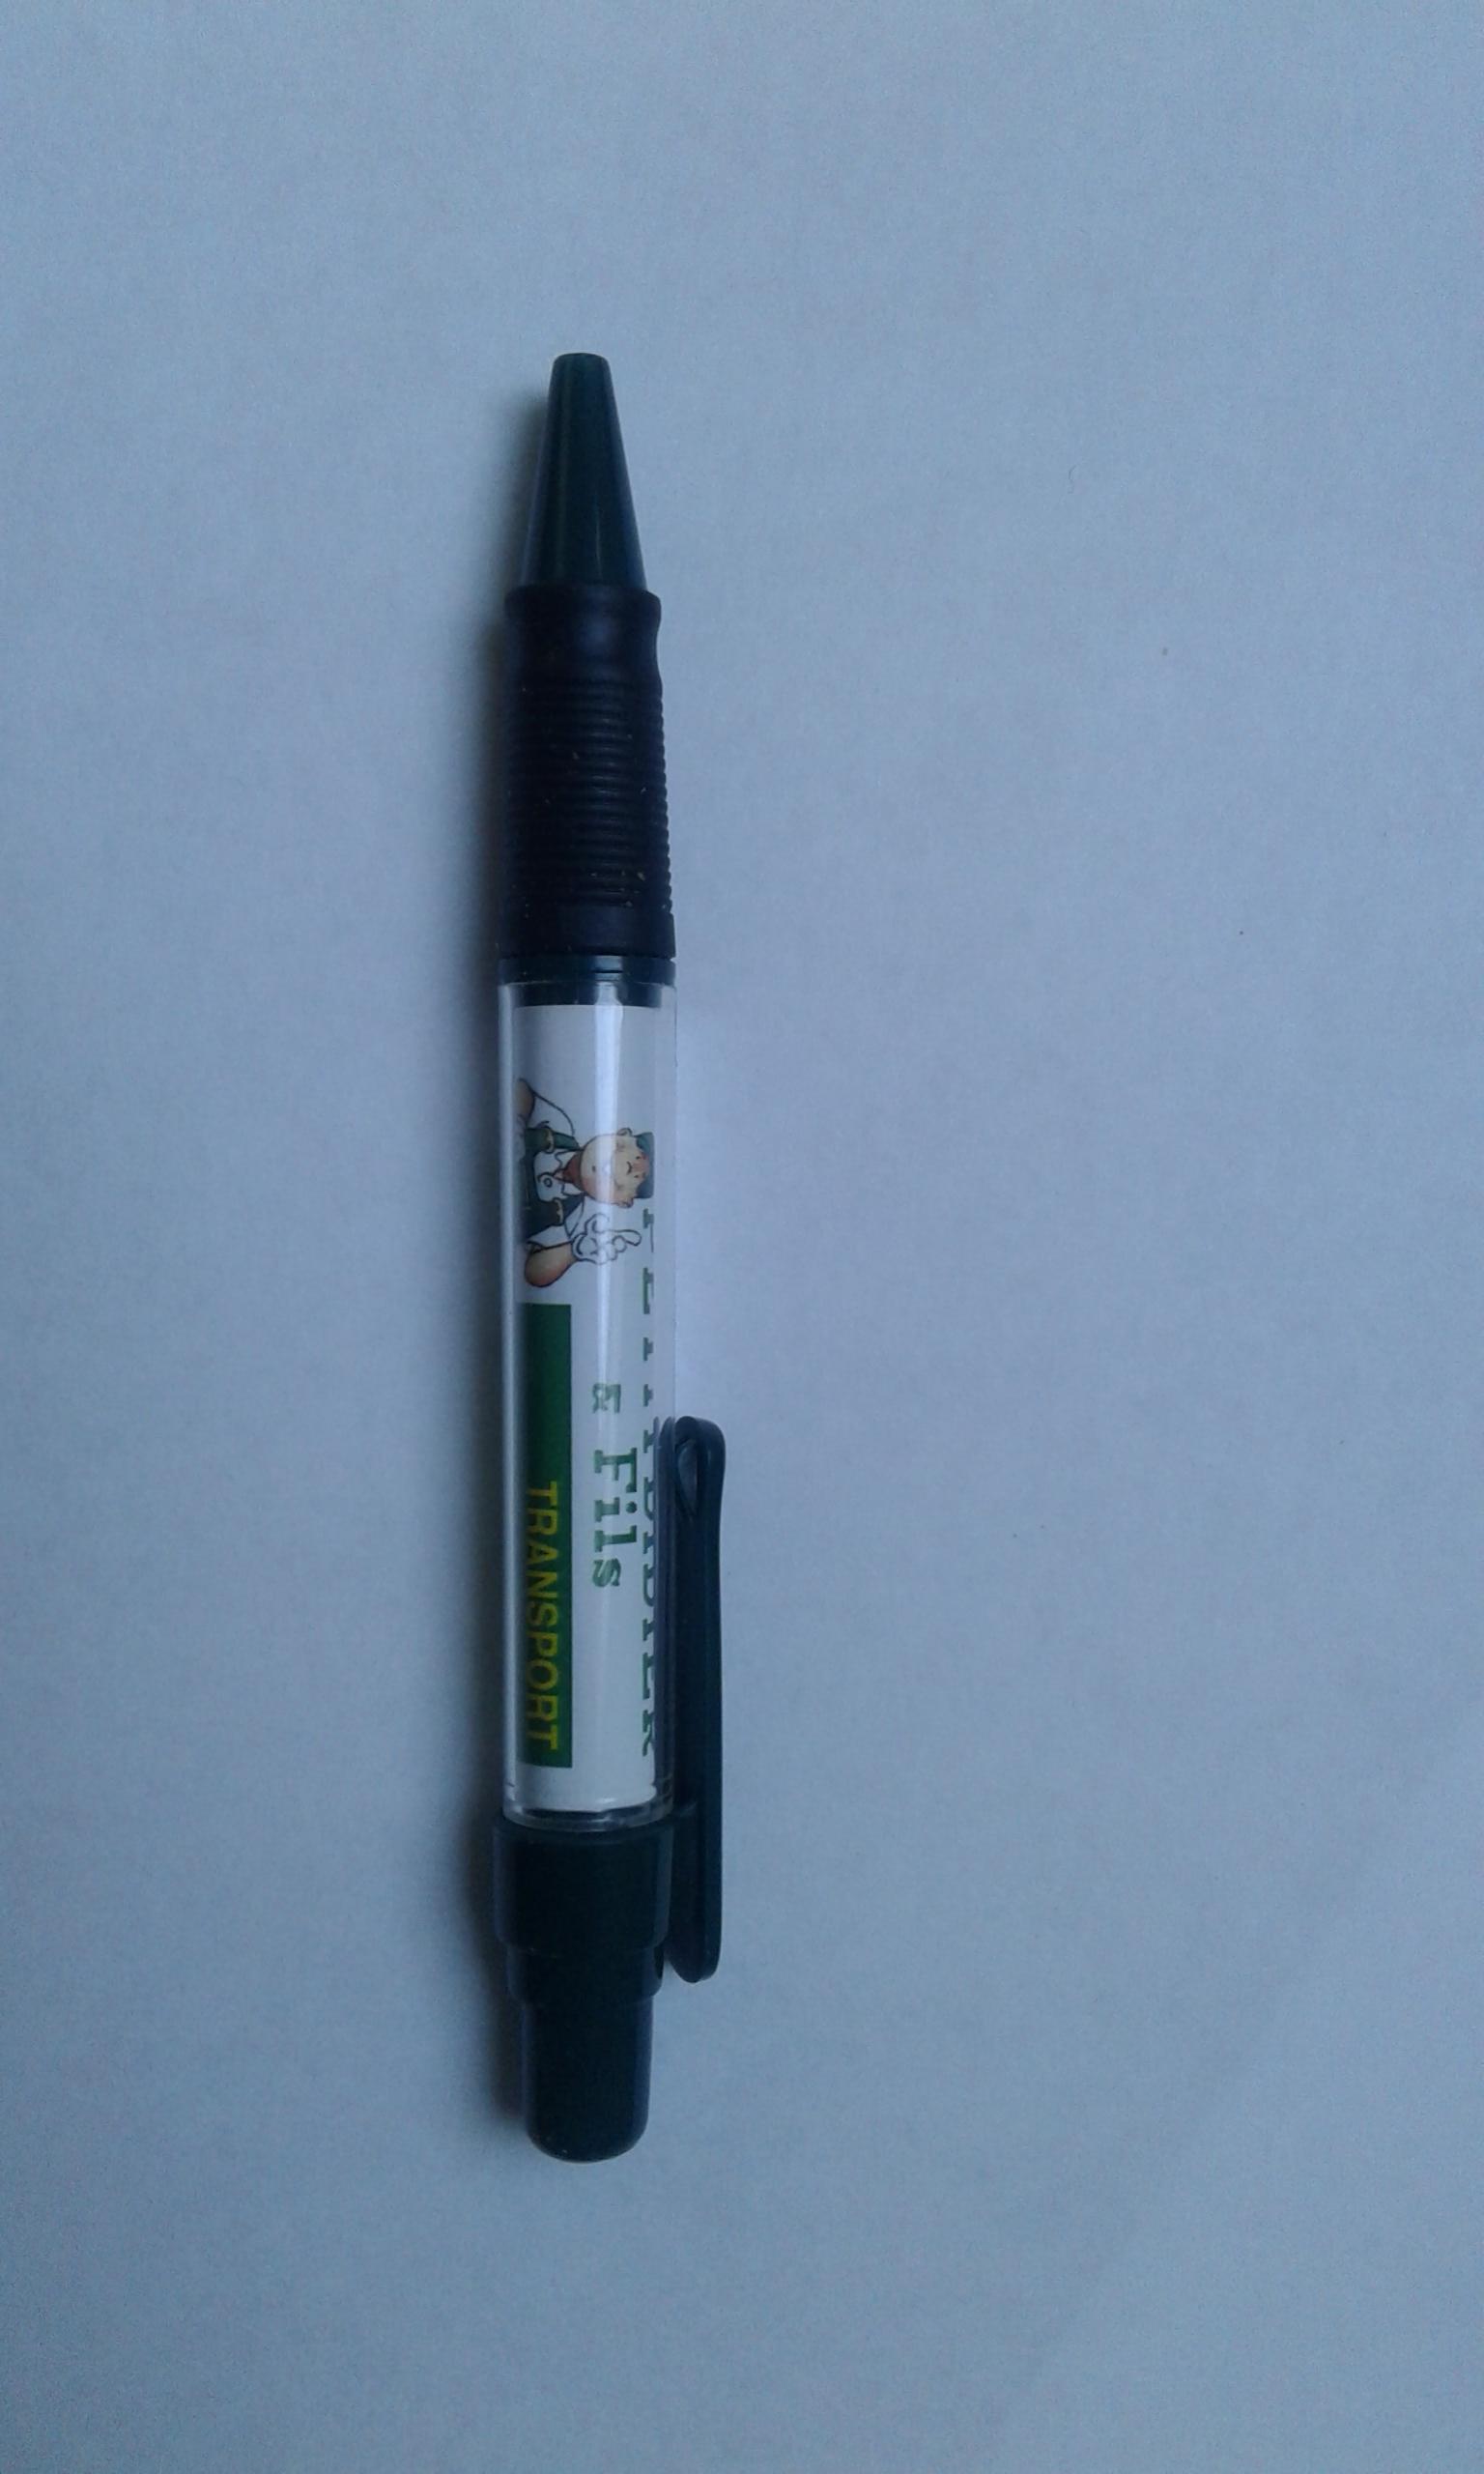 troc de troc res ma - stylo neuf petitdidier et fils image 0